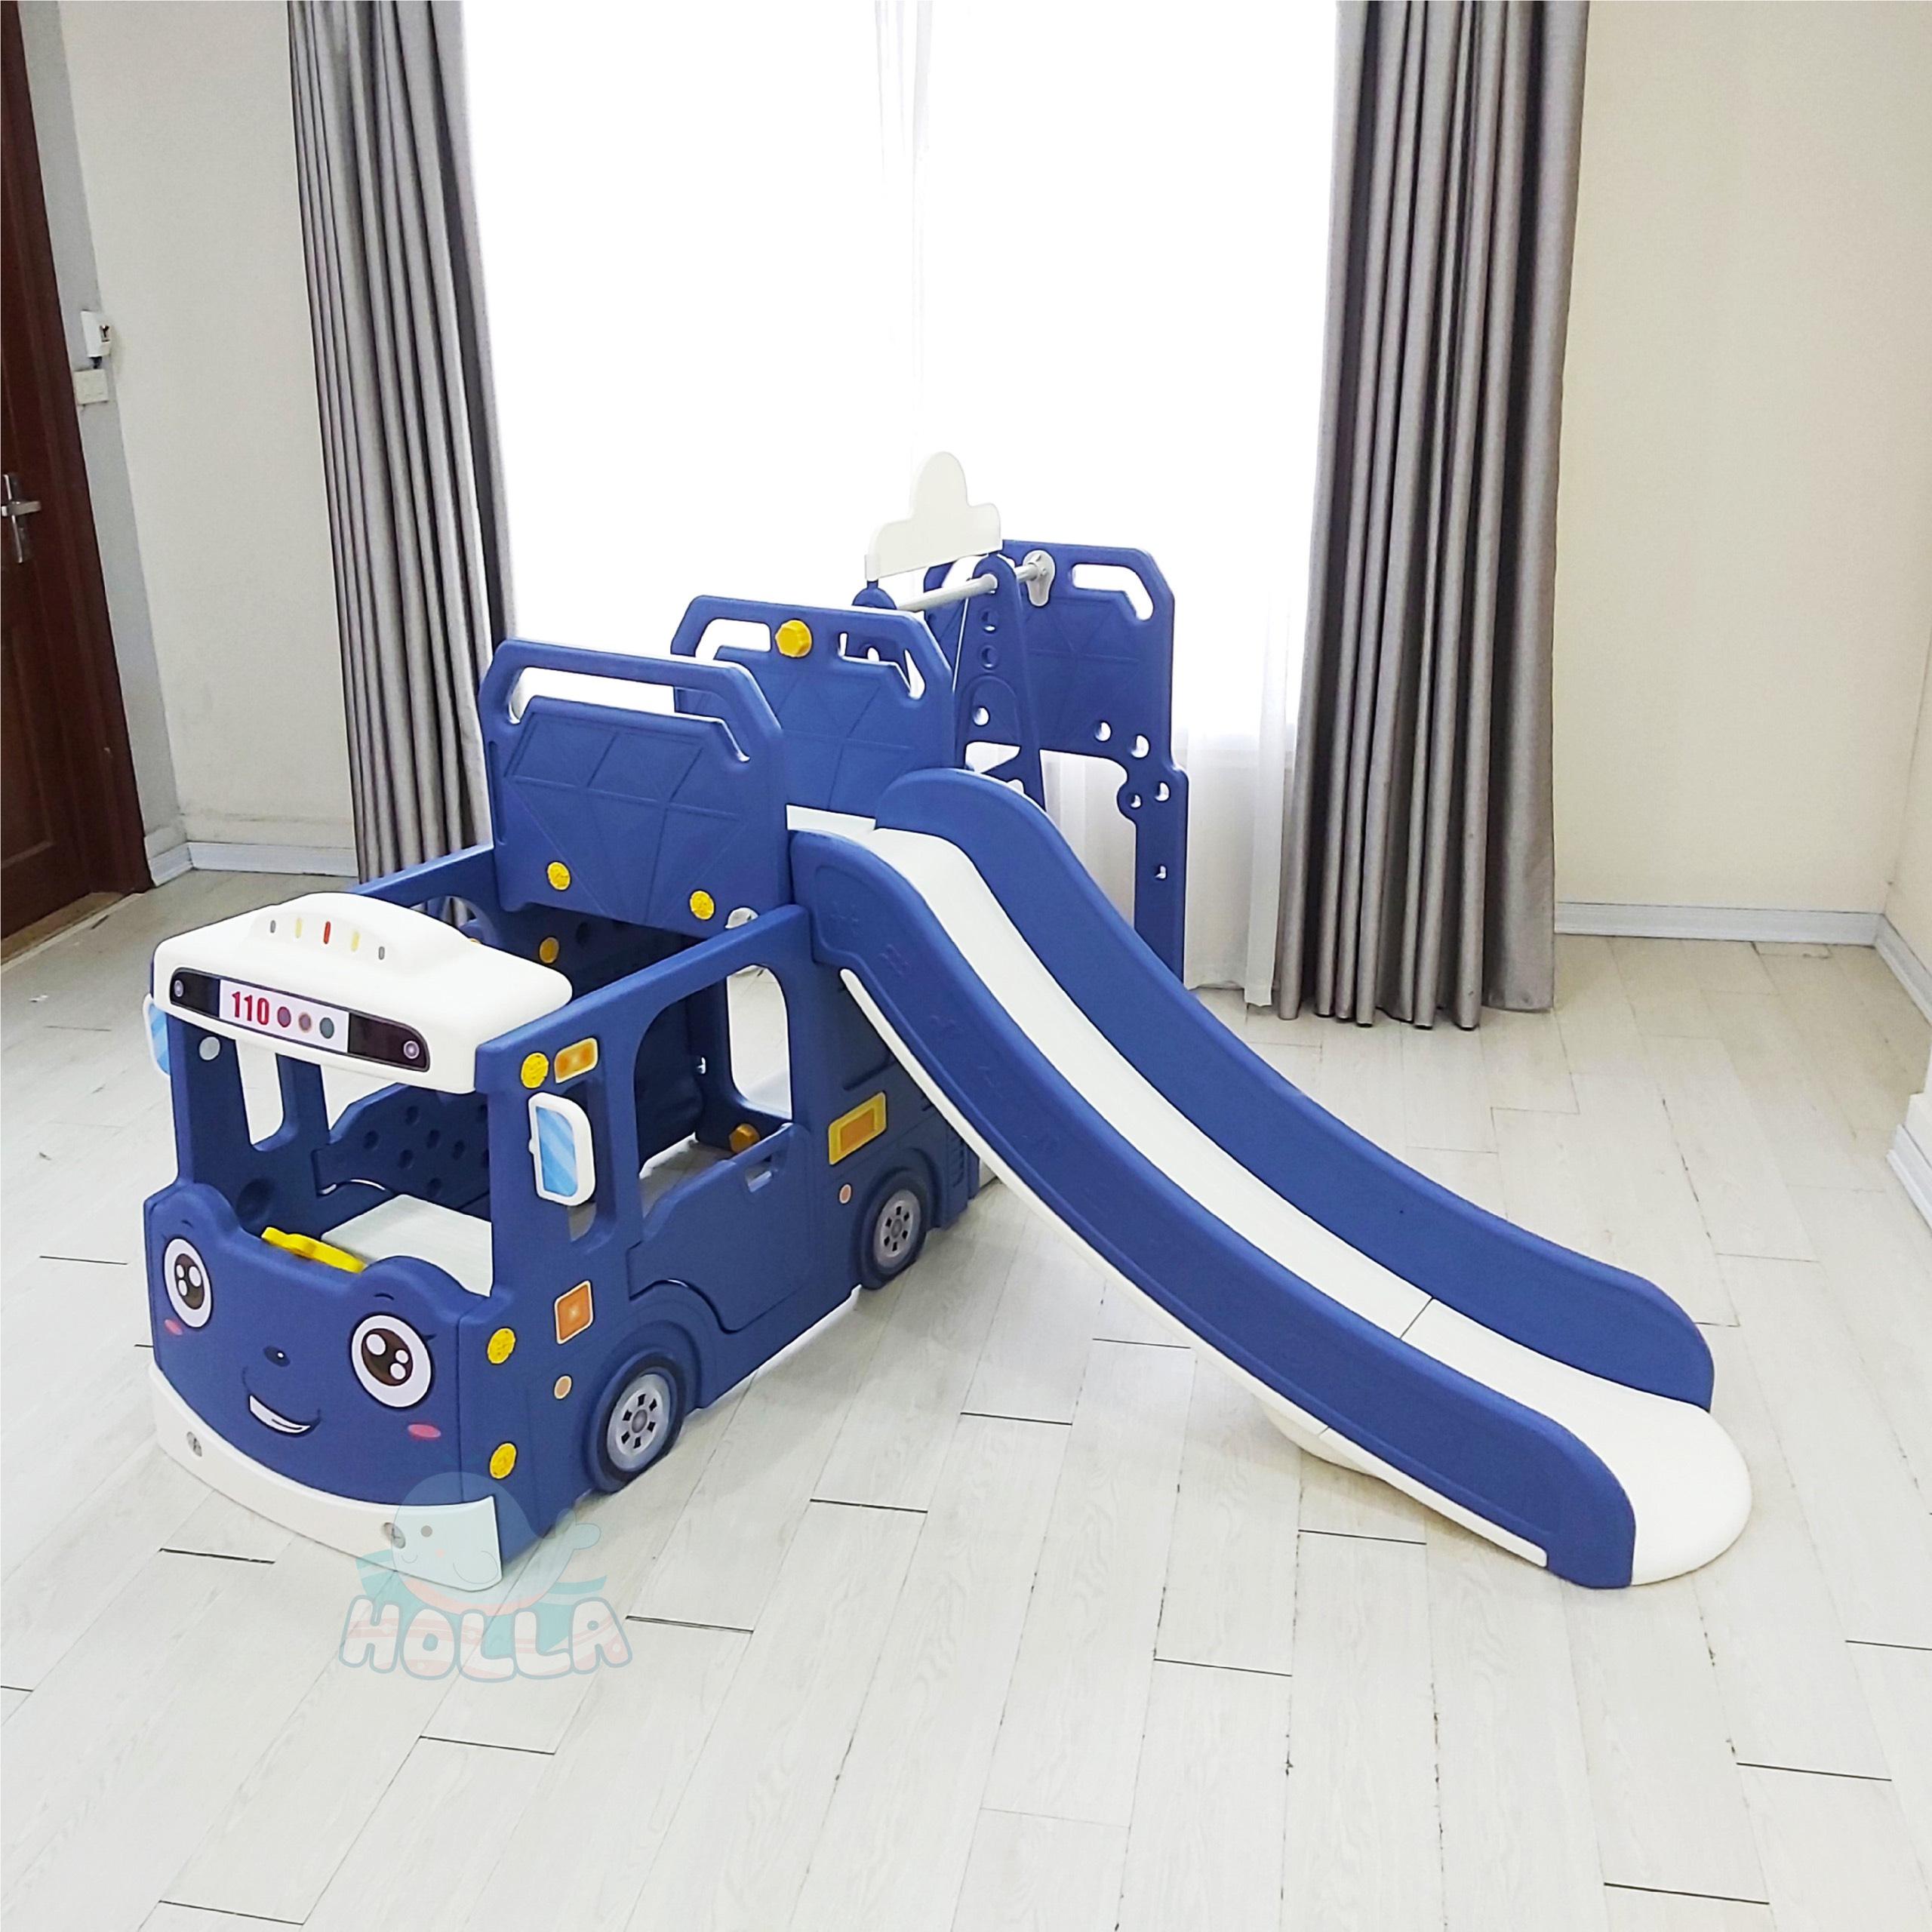 Cầu trượt xích đu ô tô Holla - Bé thỏa sức chơi vui ngay tại nhà?